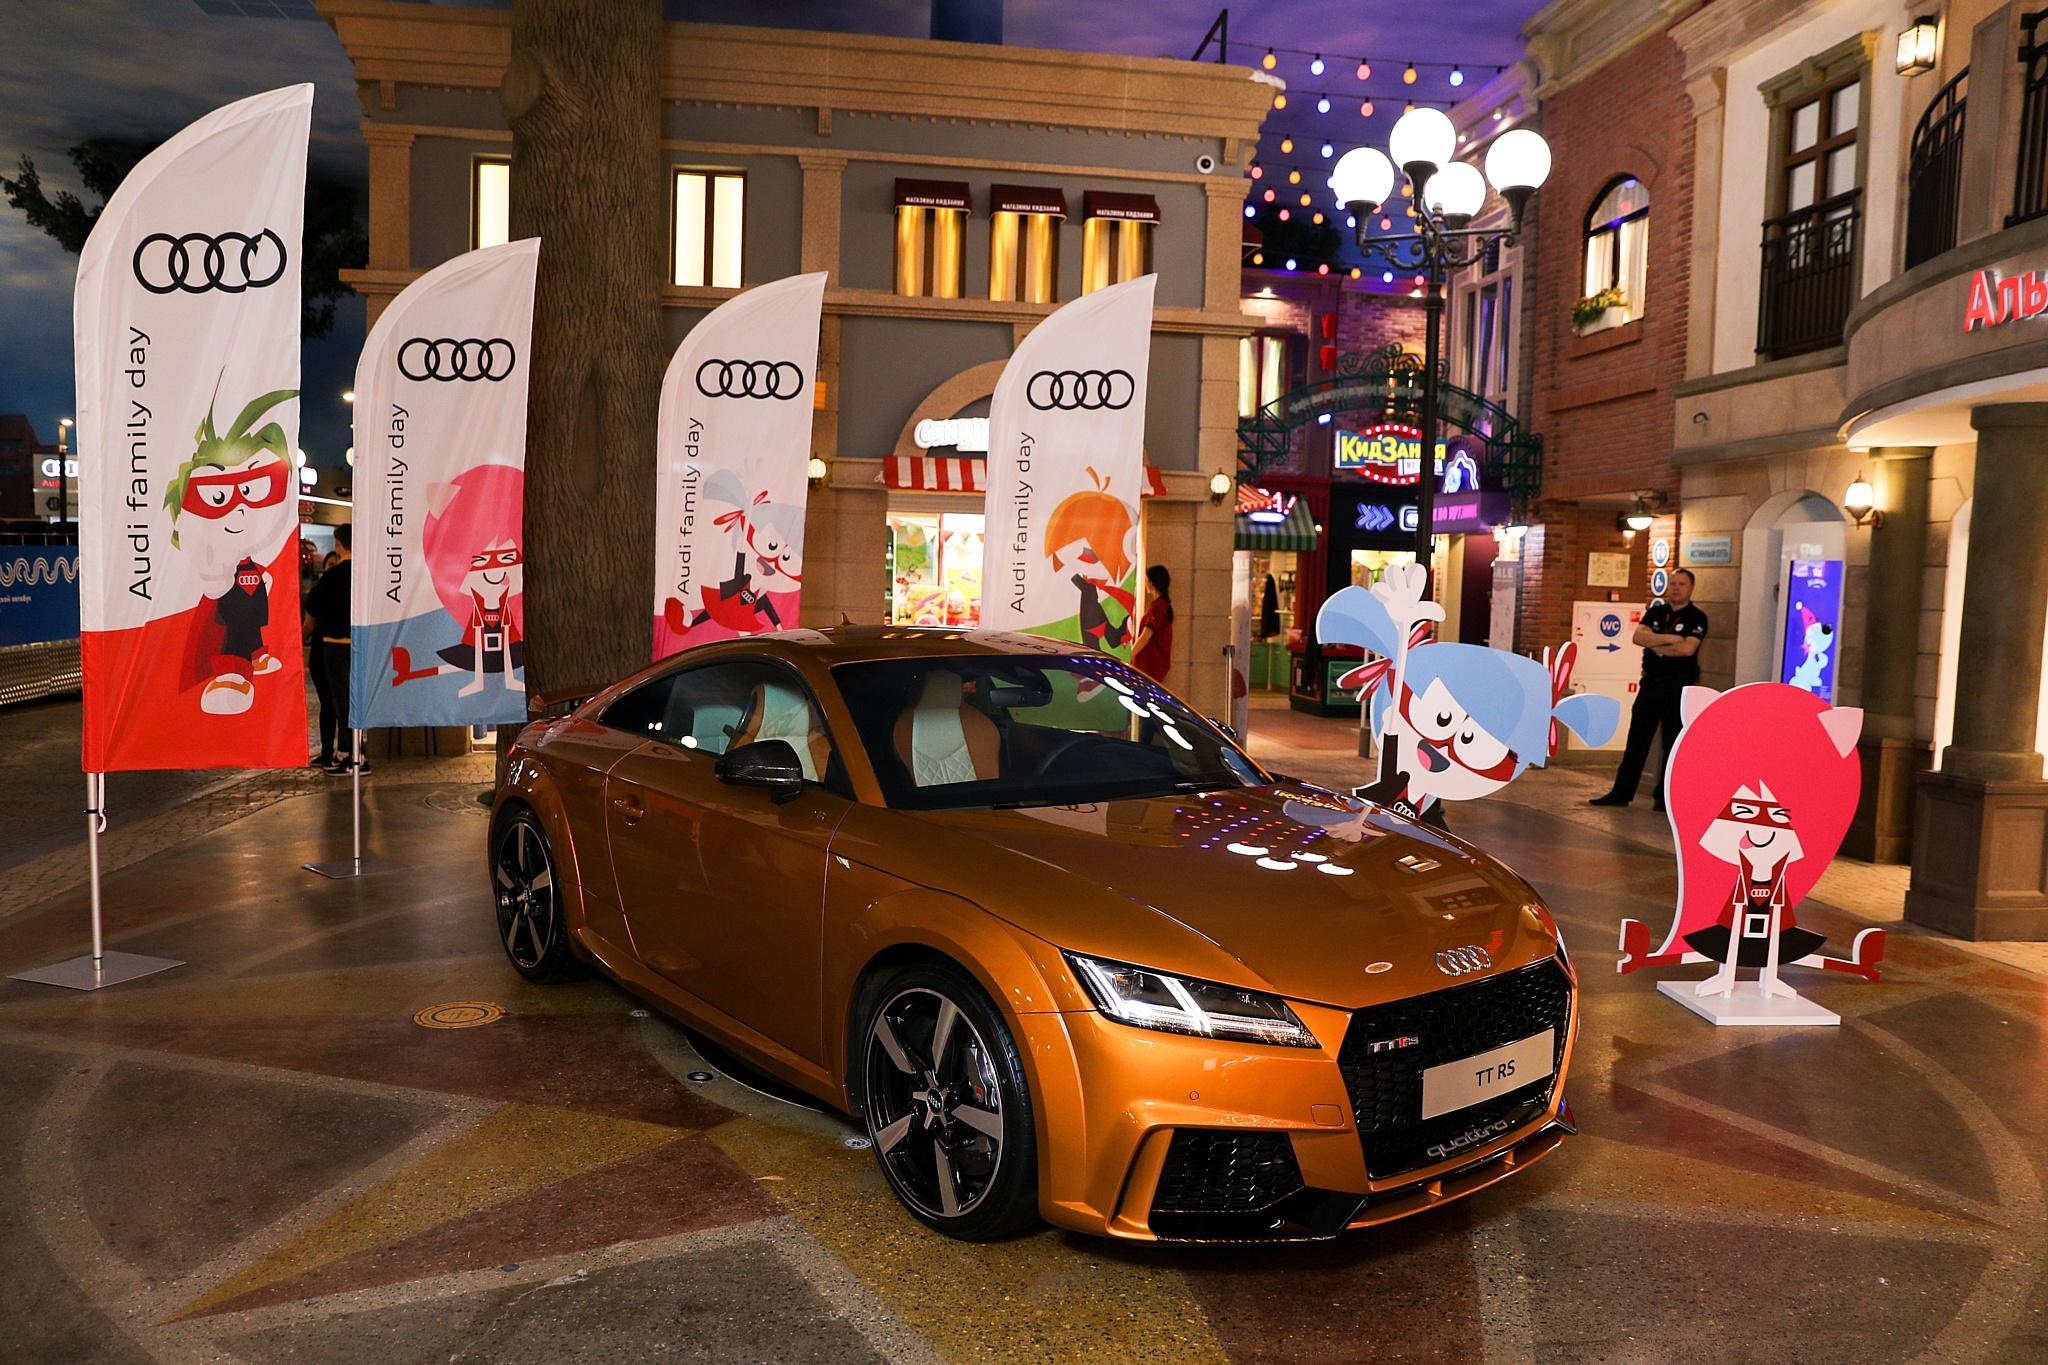 АЦ Волгоградский пригласил своих клиентов на яркий семейный праздник Audi